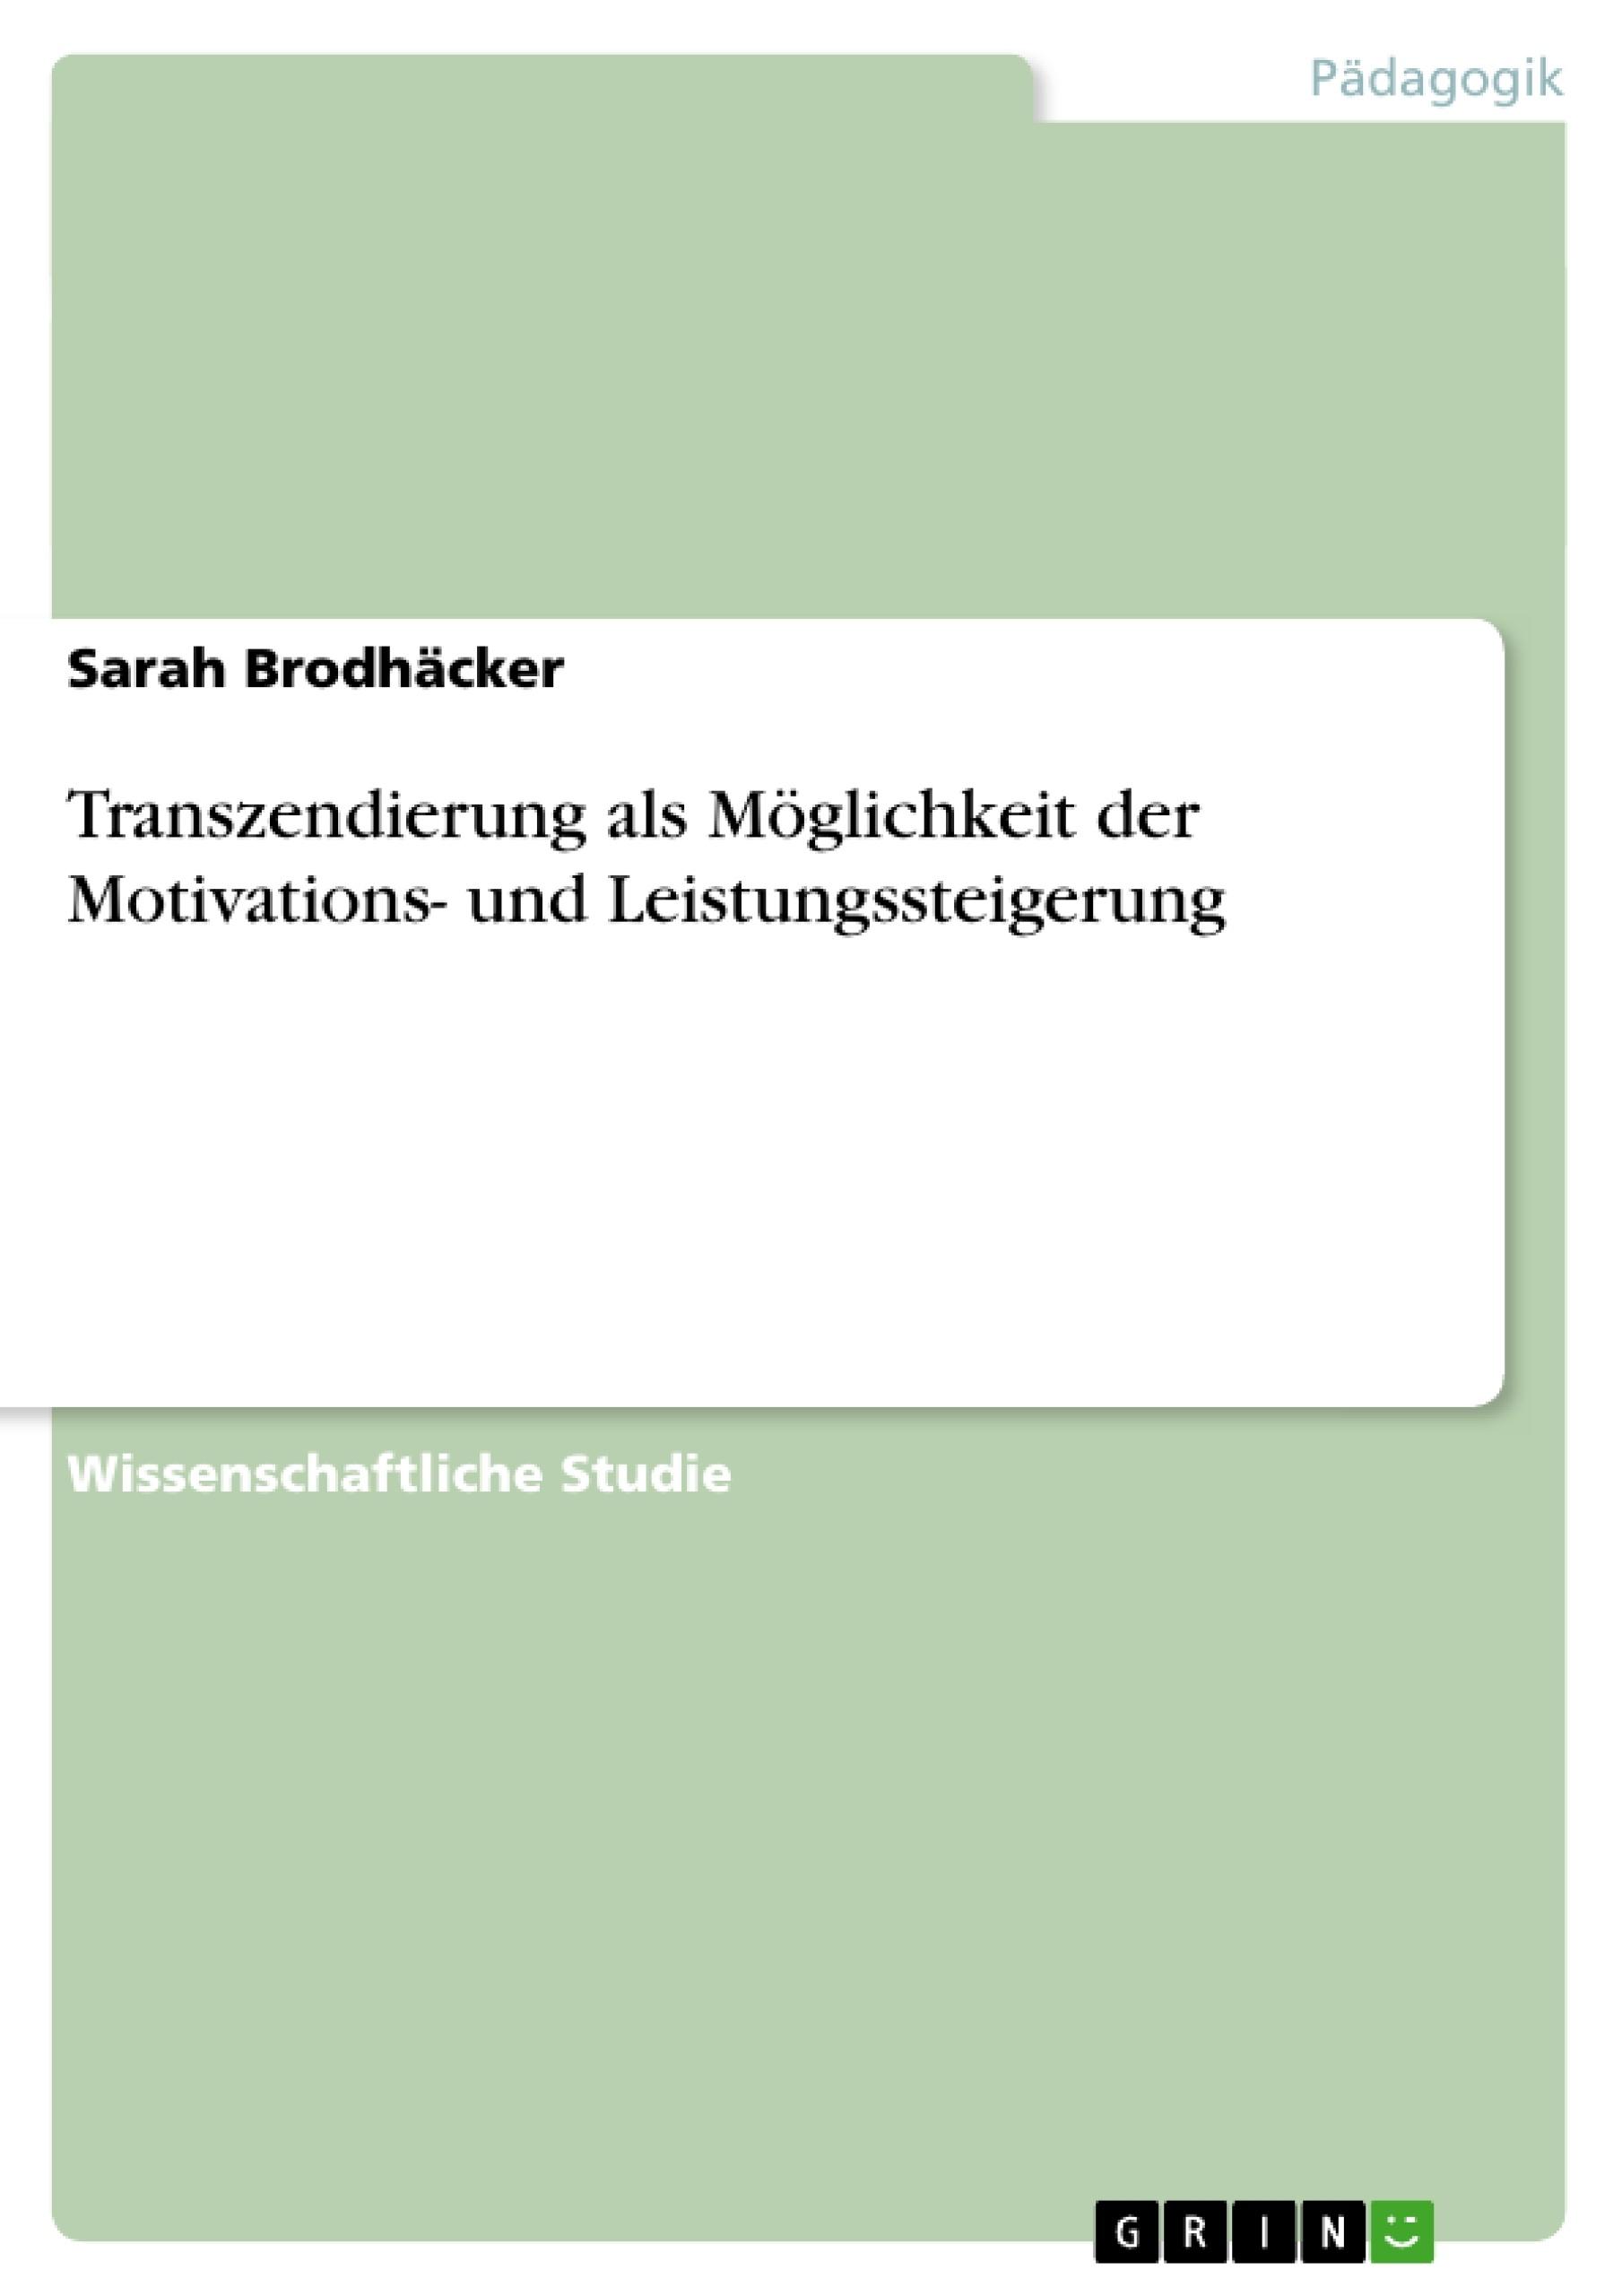 Titel: Transzendierung als Möglichkeit der Motivations- und Leistungssteigerung